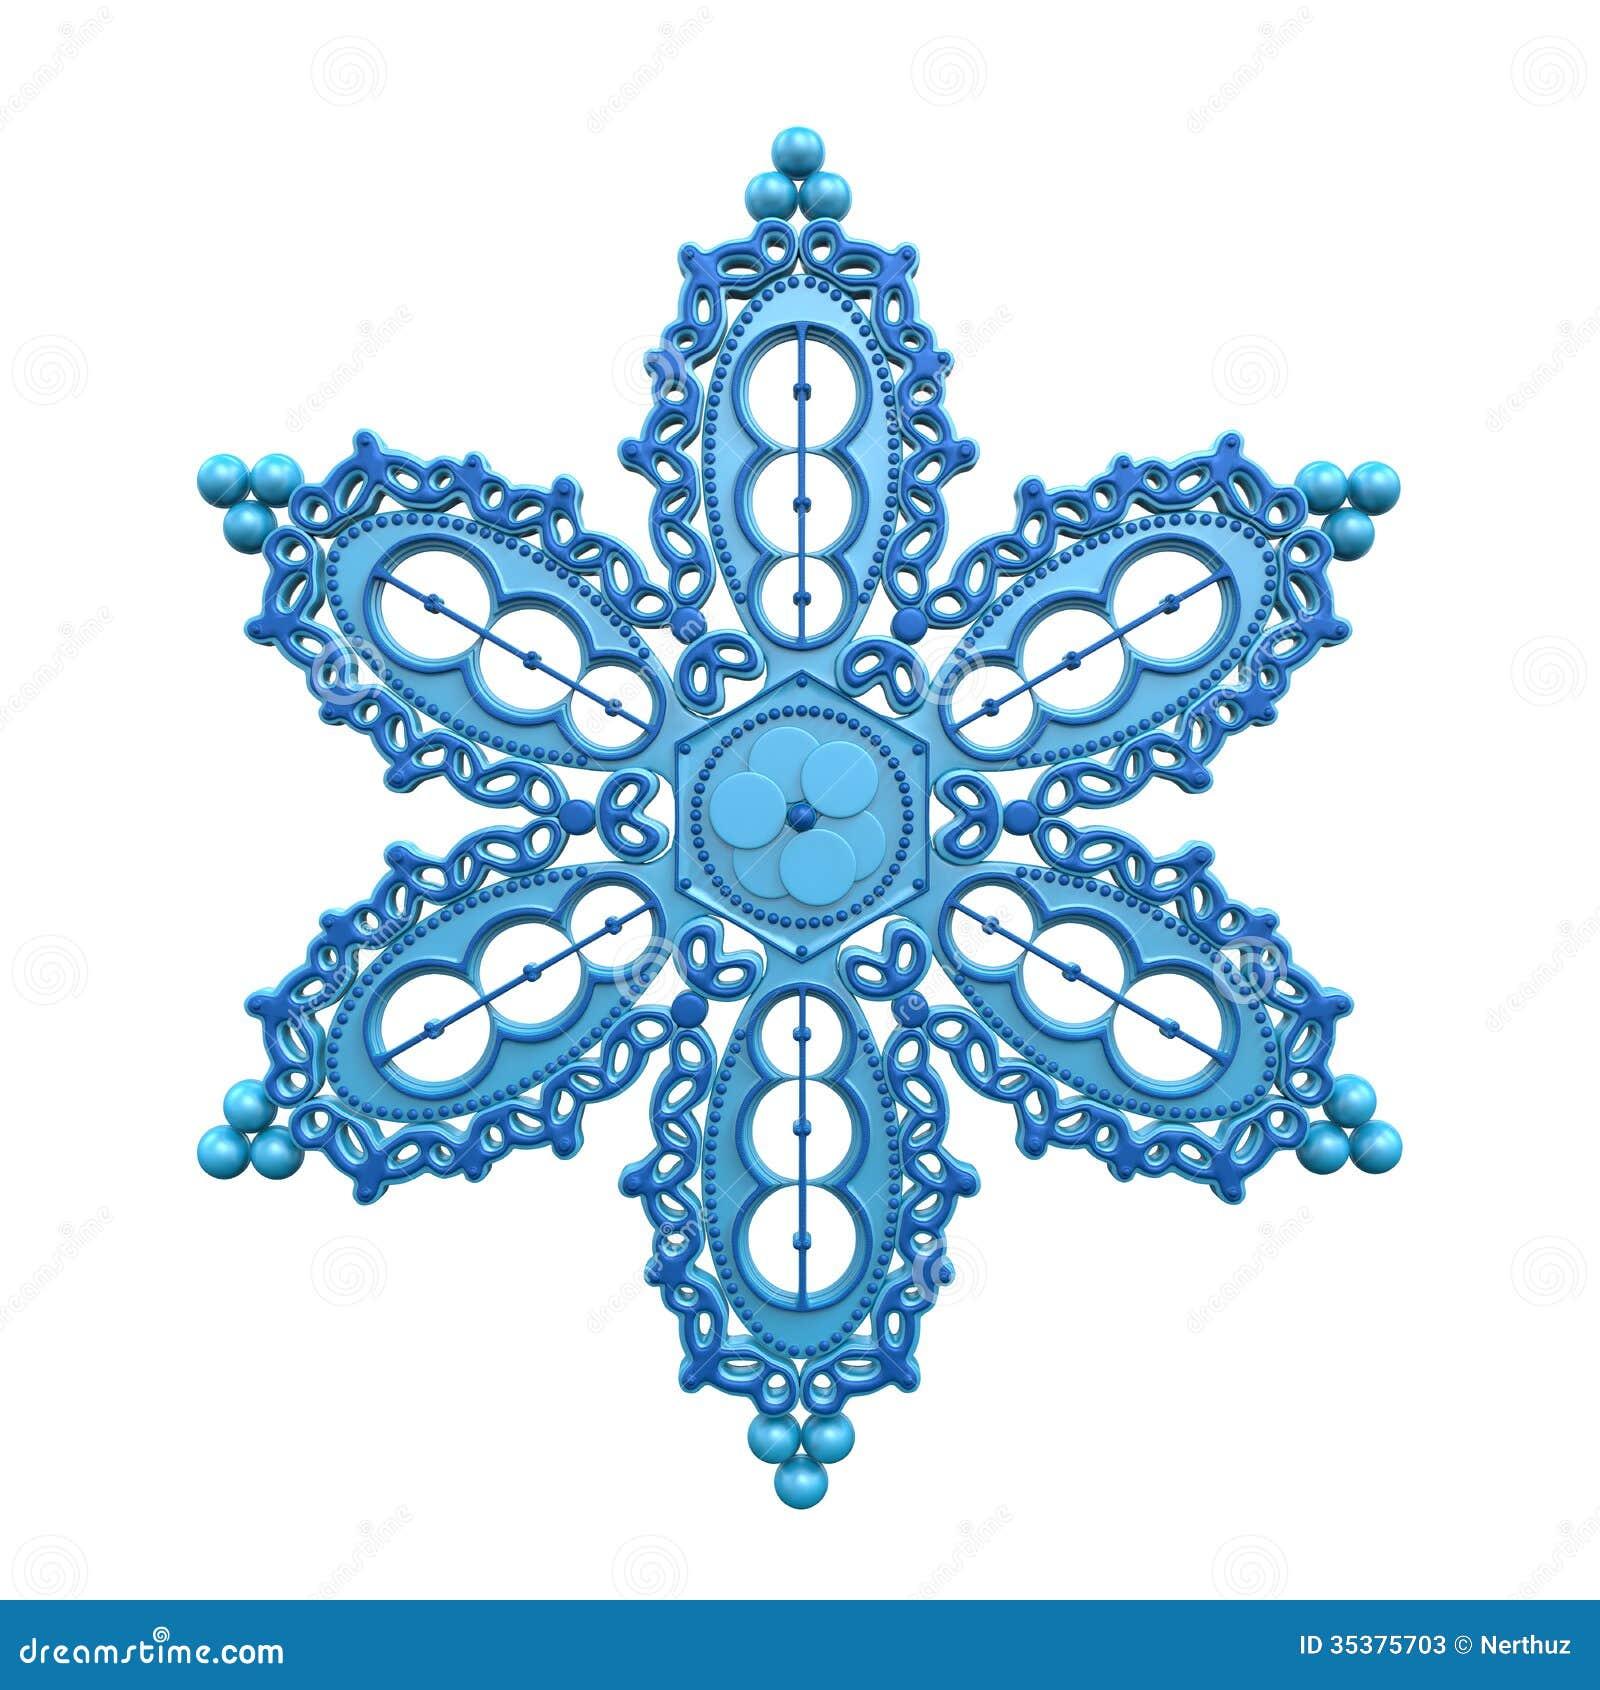 Snowflake stock photo 187320546 | iStock